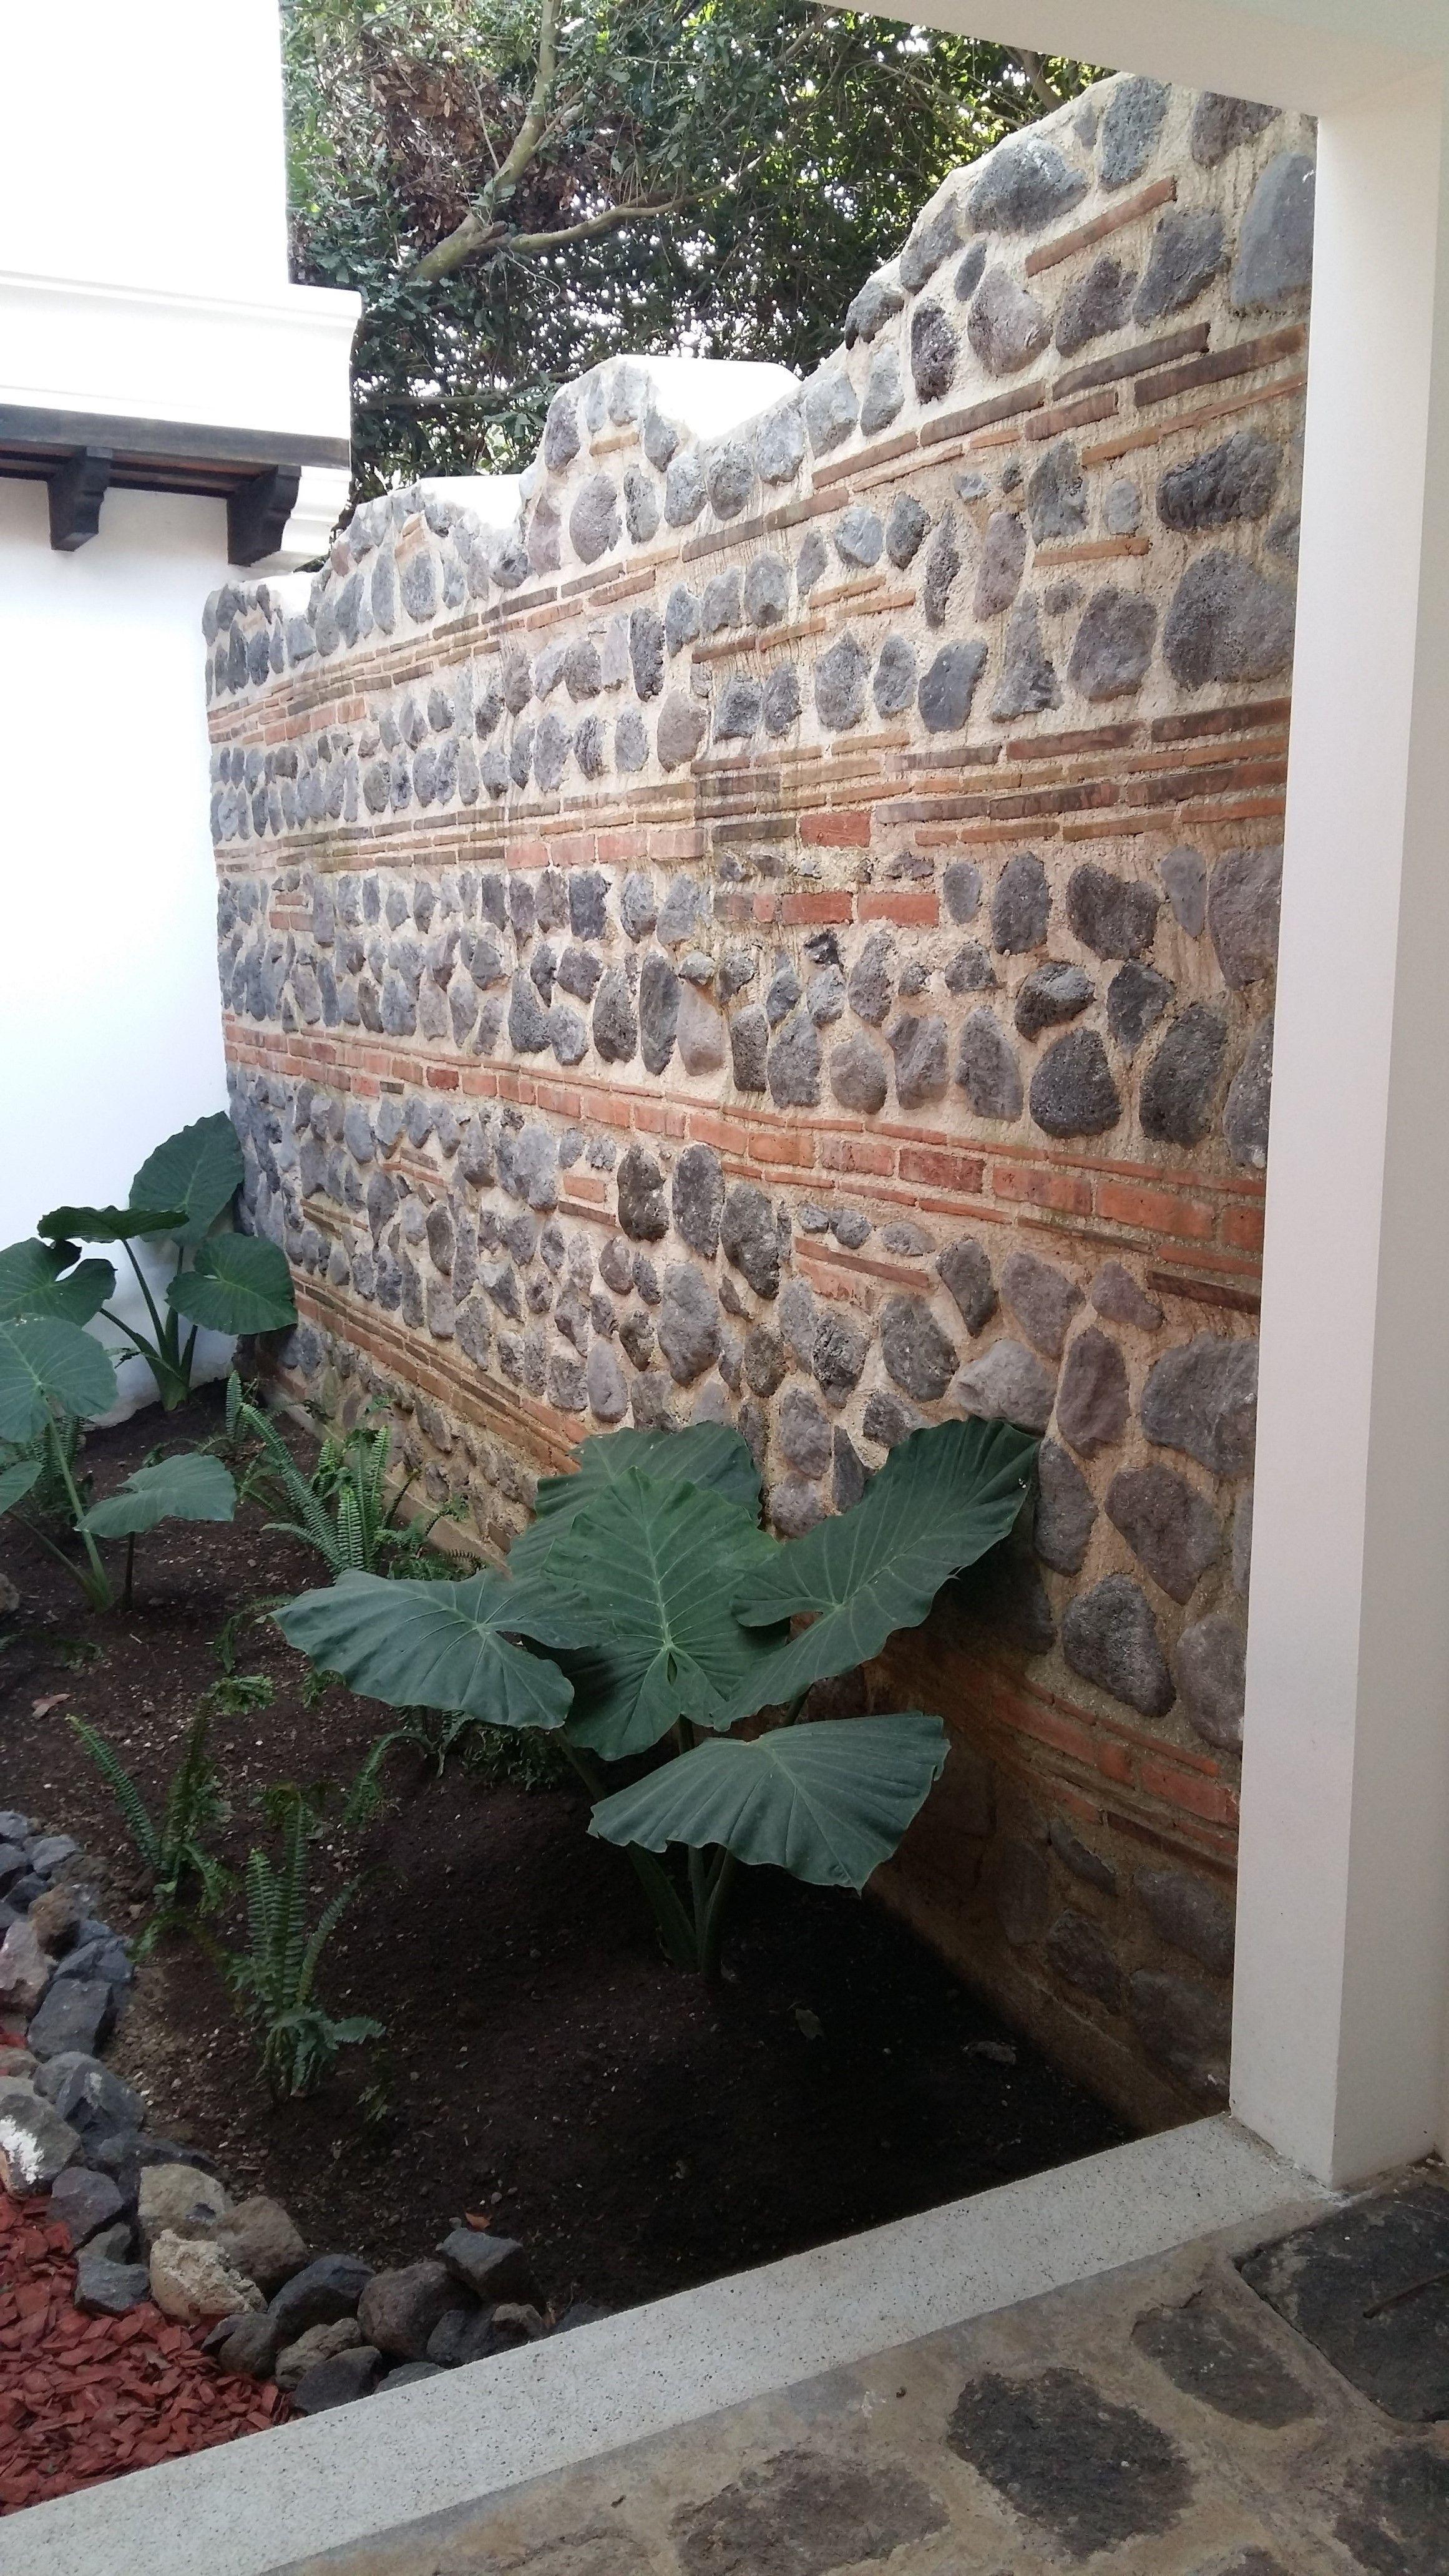 gaviones decorativos mil anuncios com para piedras 134526673 3 Muro de piedra en Antigua Guatemala.